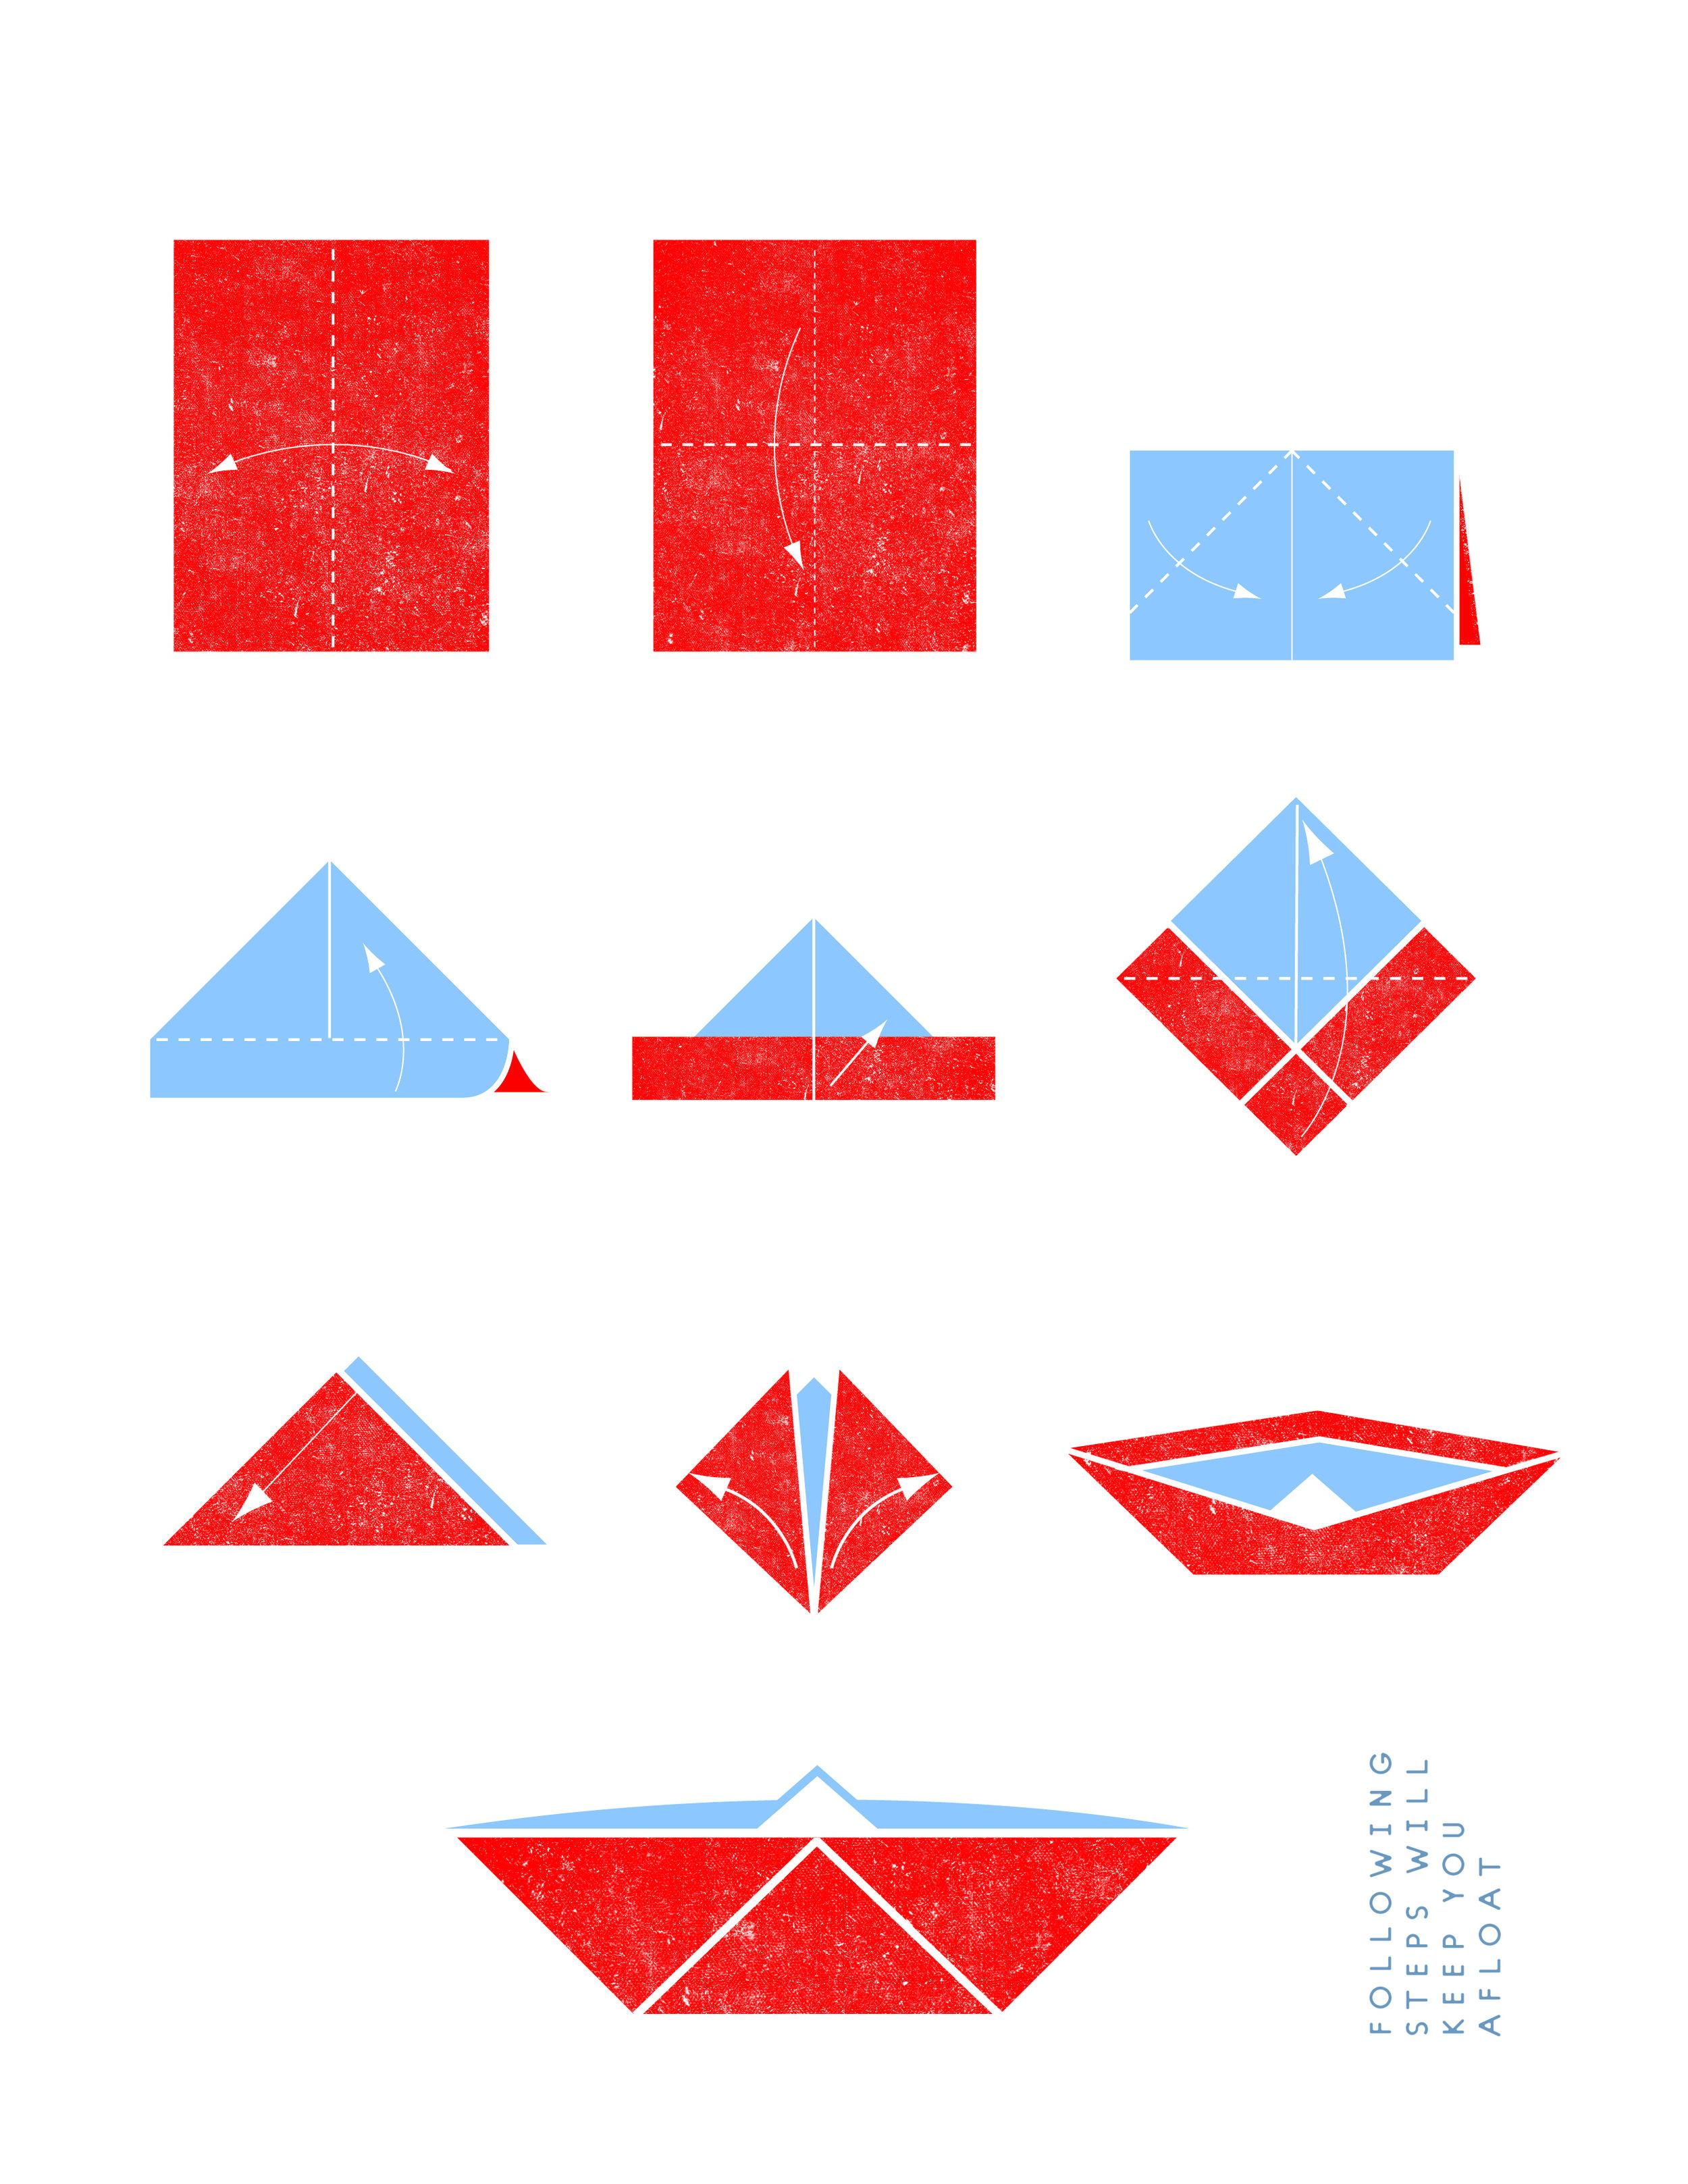 manifesto_v3-pages-cropmarks26.jpg